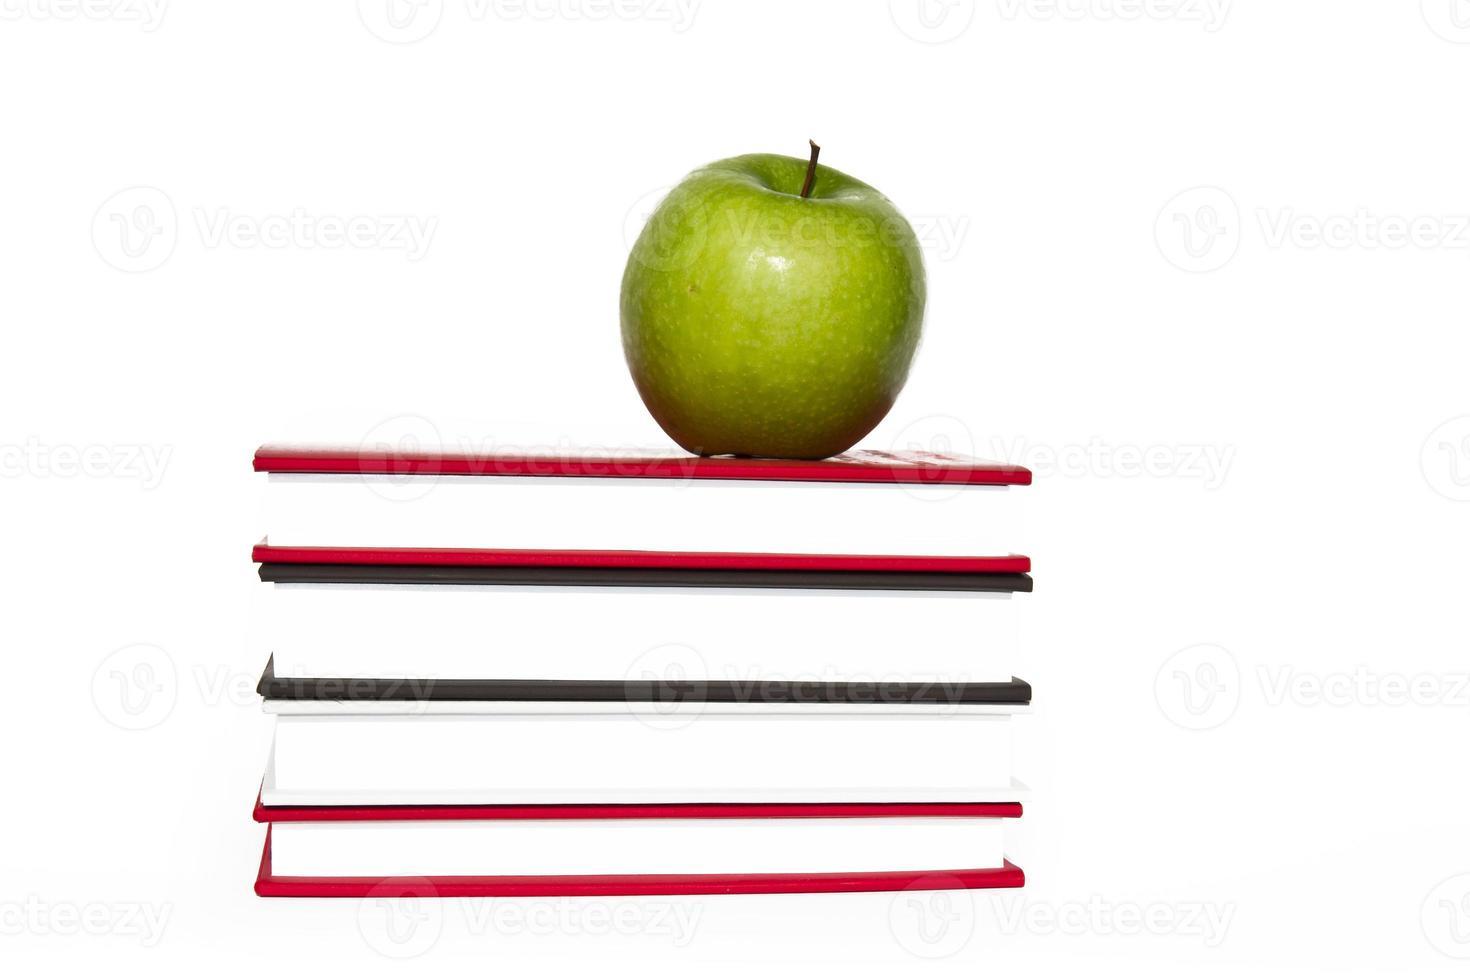 libri e mela isolati su sfondo bianco foto